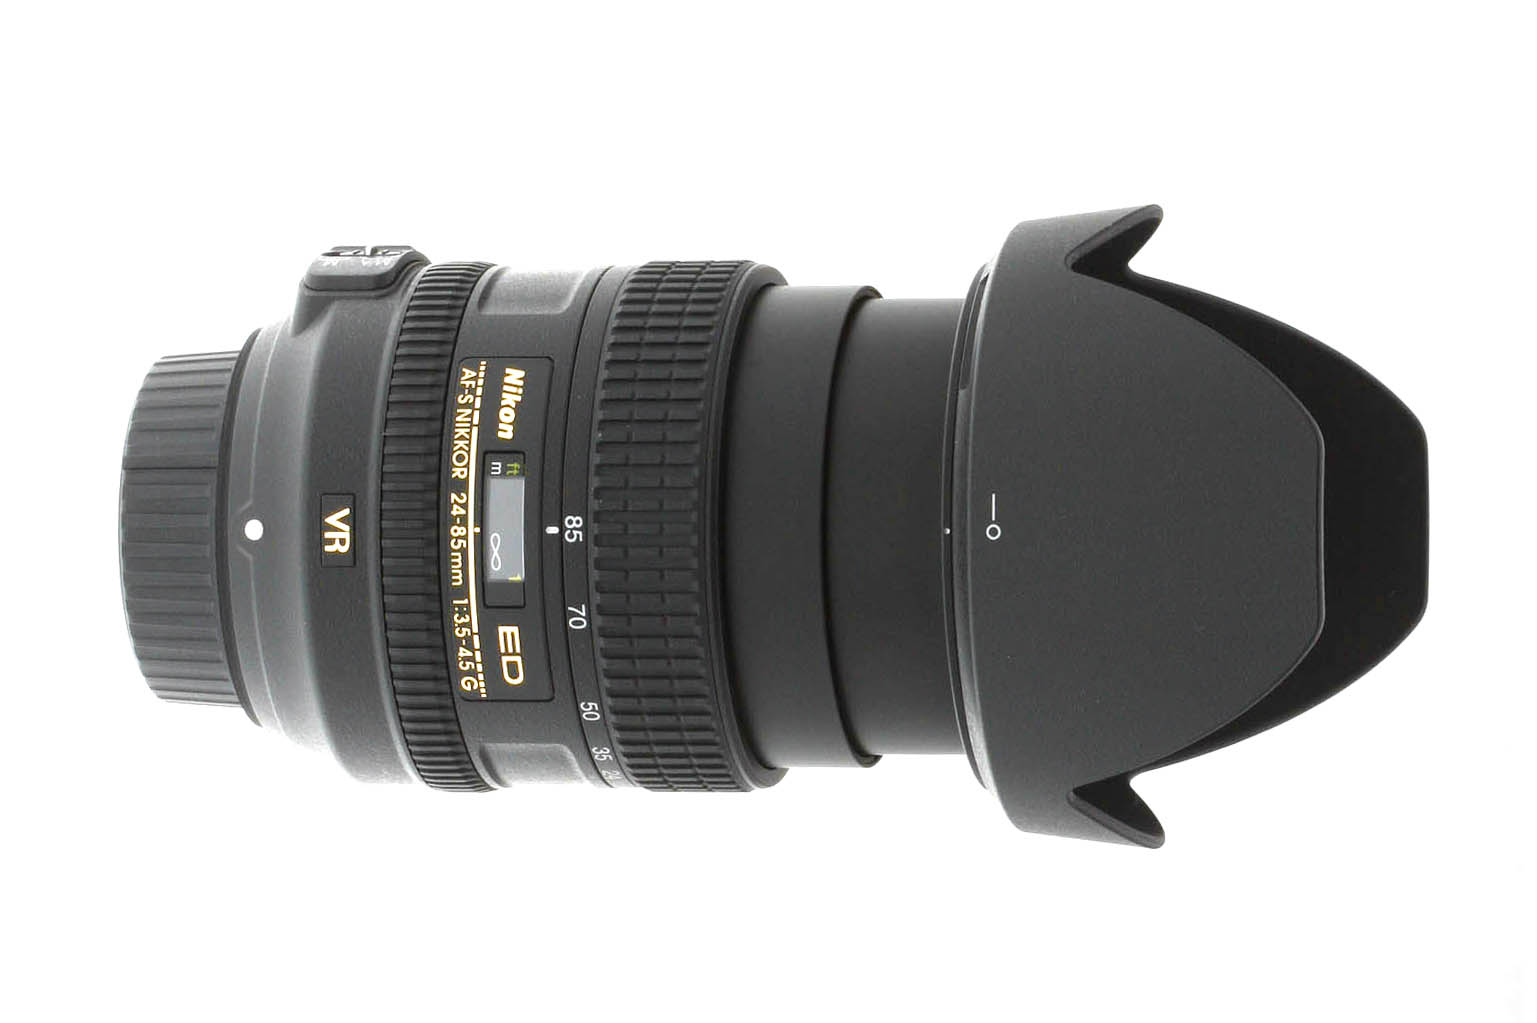 Nikon 24-85mm f/3.5-4.5G ED VR AF-S Nikkor Review